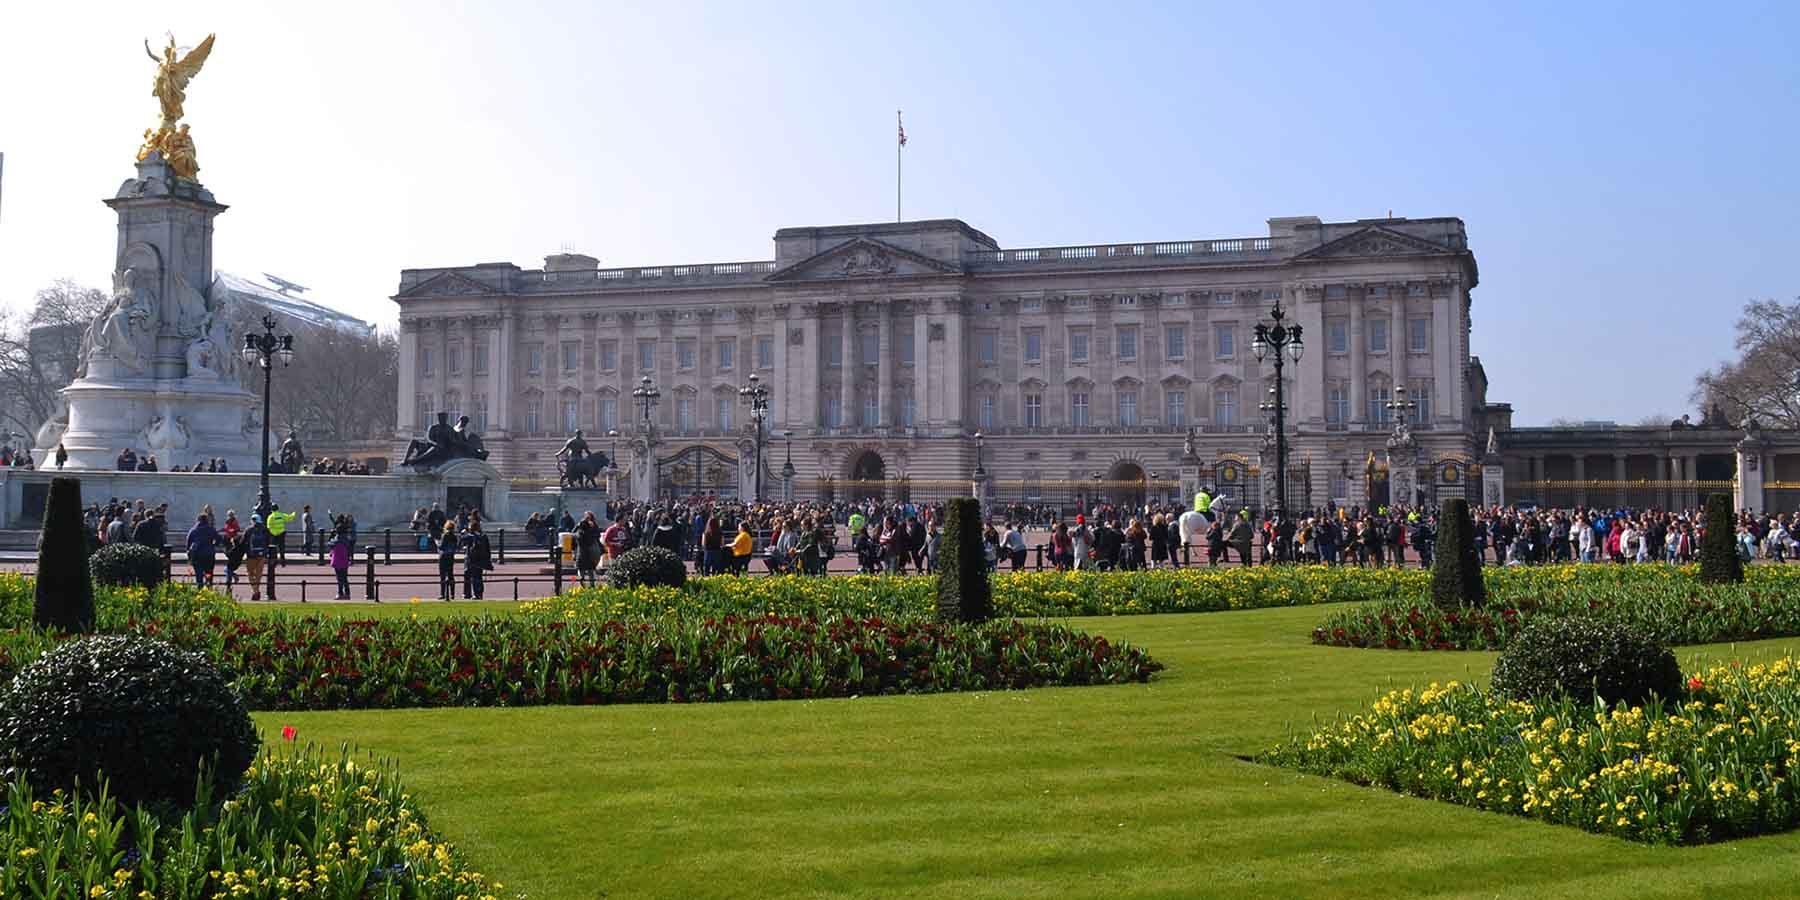 Resultado de imagen para buckingham palace abierto publico en el verano